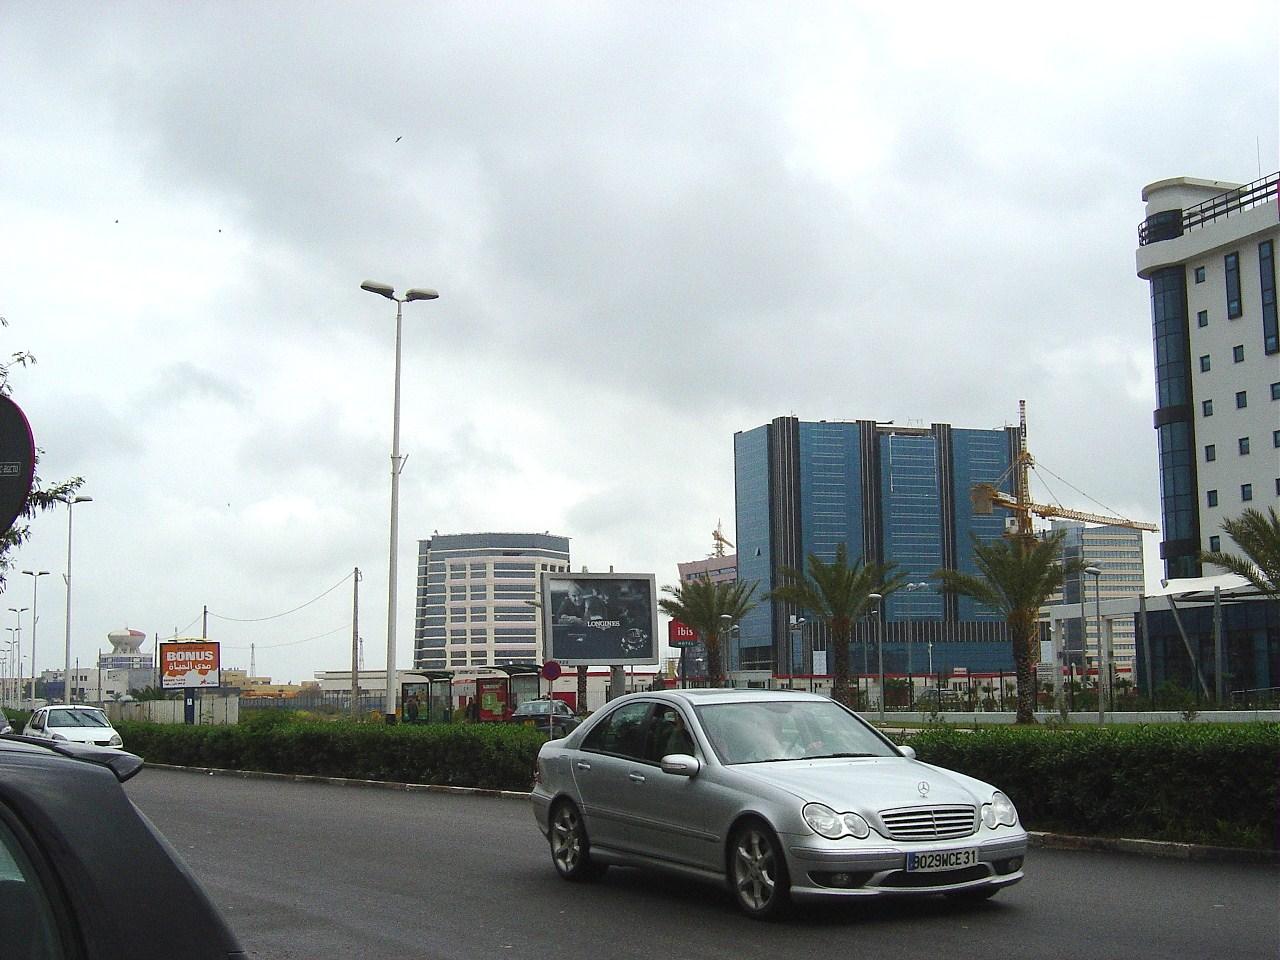 Design Furniture Bab Ezzouar a l g e r i a: bab ezzouar hotel mercure - algiers - algeria